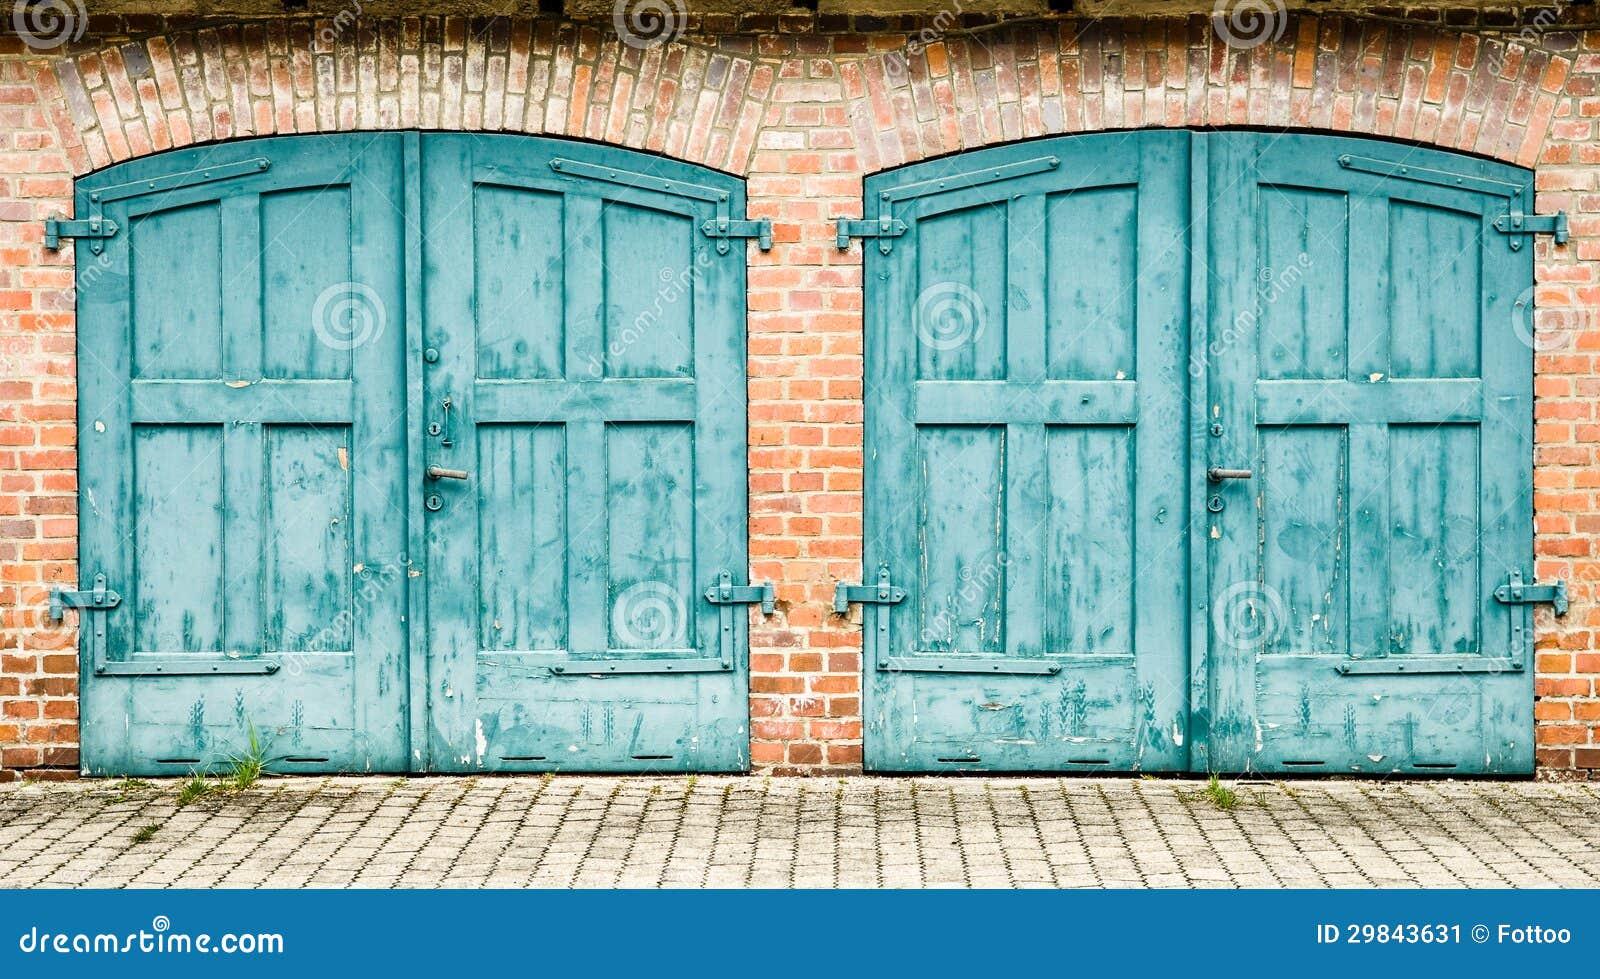 813 #664821 Beautiful Old Wooden Door Close Up. image Beautiful Wooden Doors 46731300